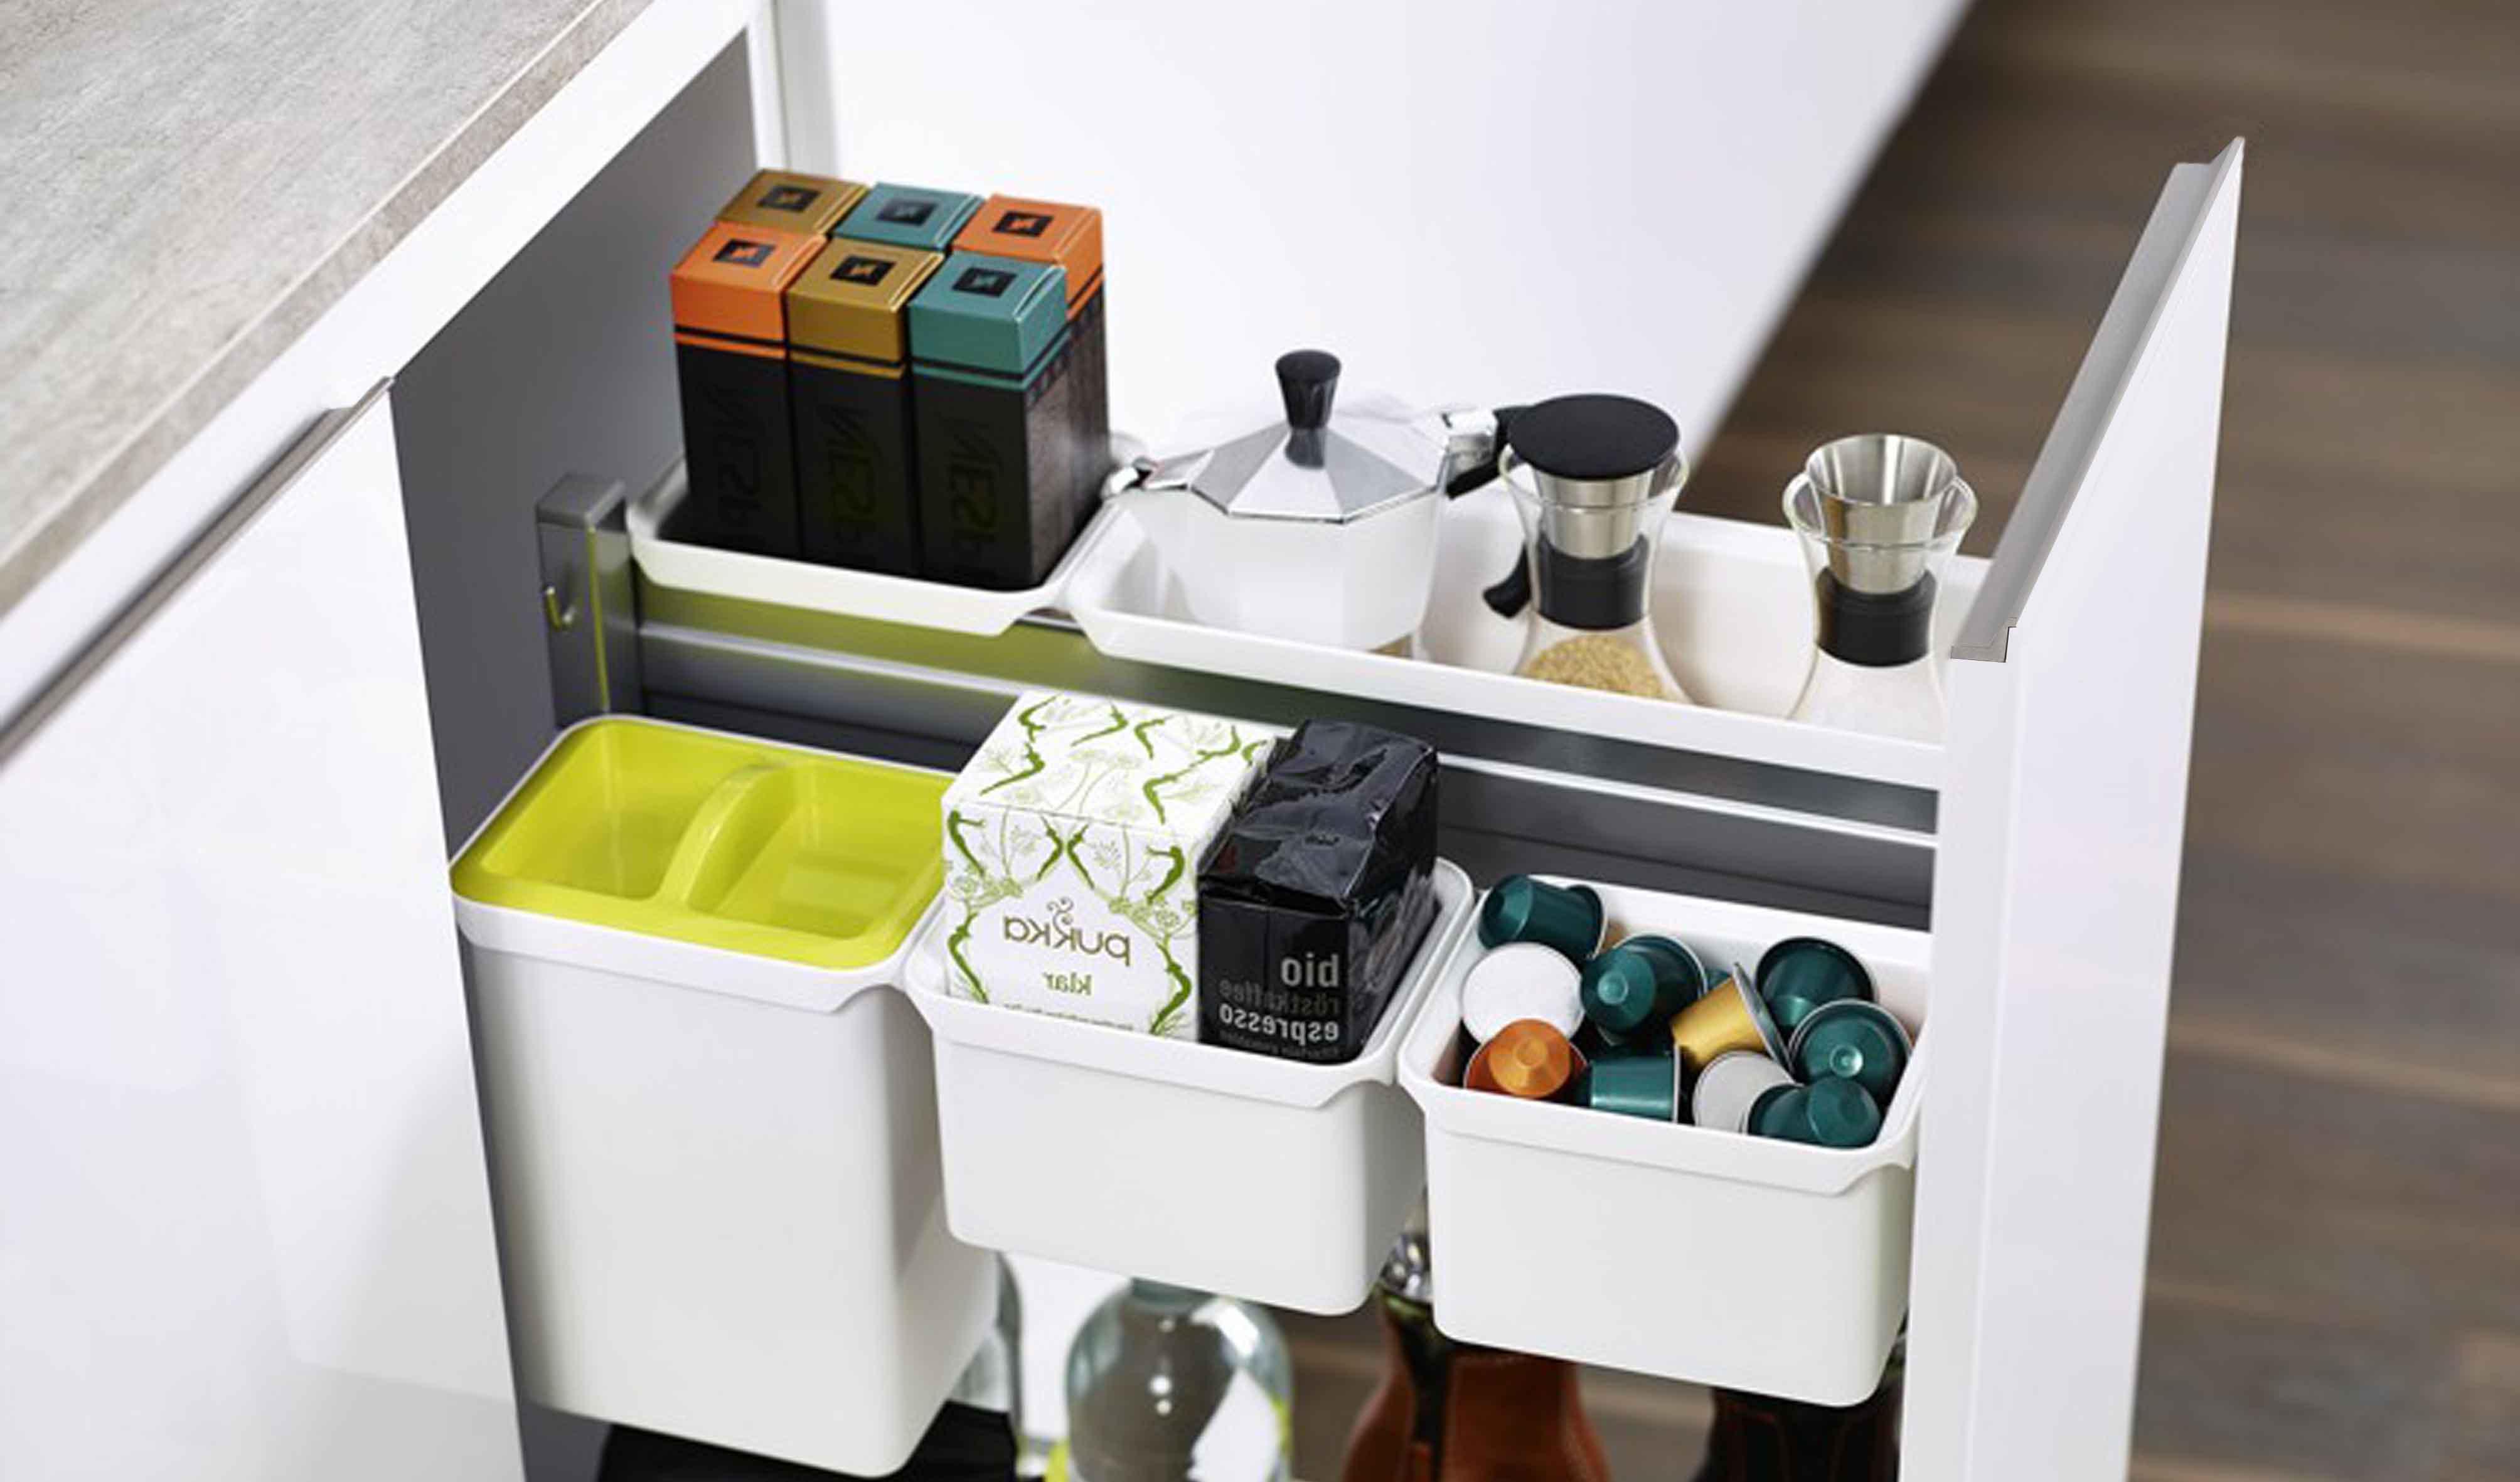 Accesorios Extraibles Para Muebles De Cocina Nkde 8 Accesorios Para Muebles De Cocina Realmente Prà Cticos